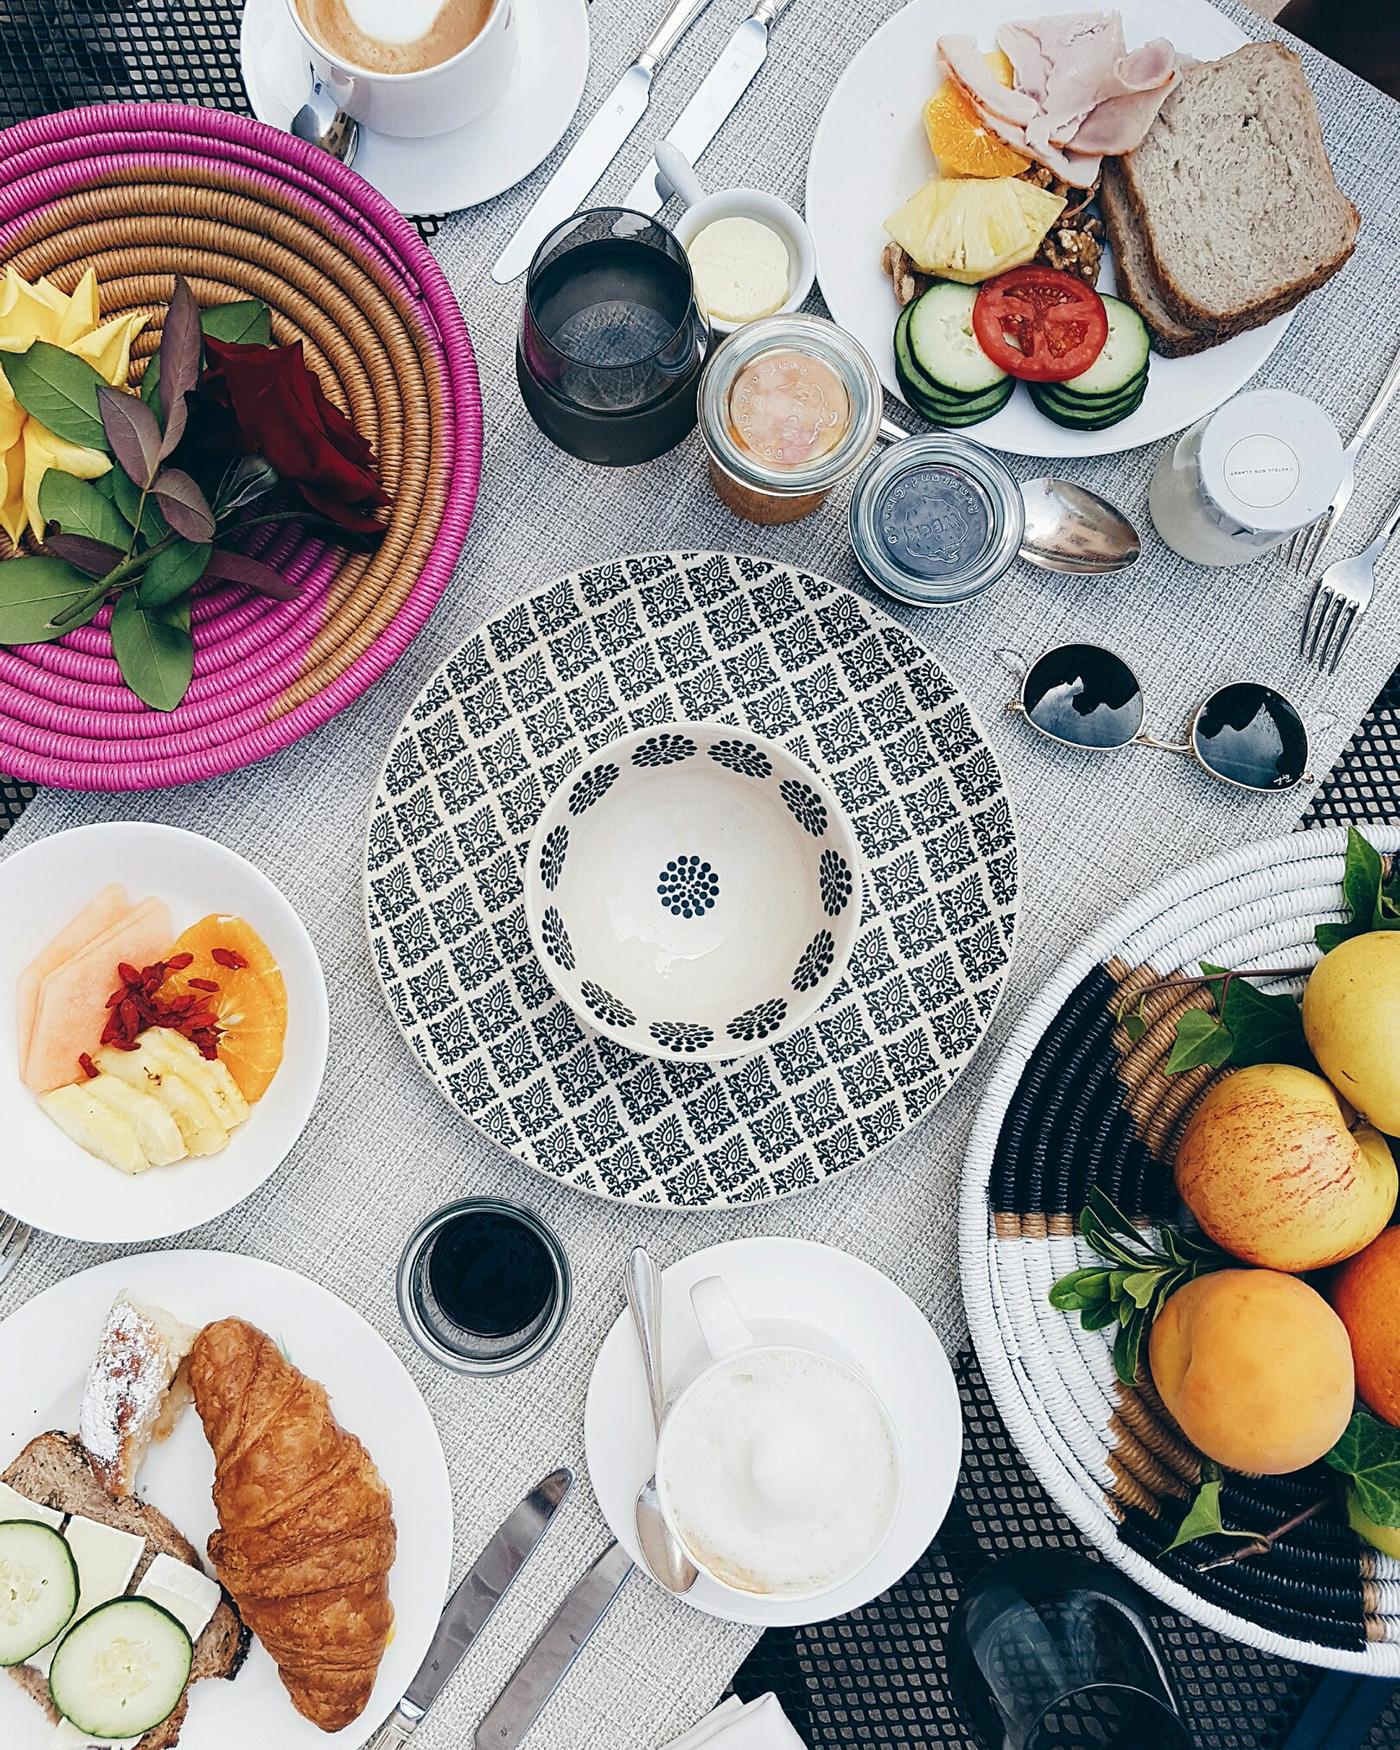 7things_32_breakfast